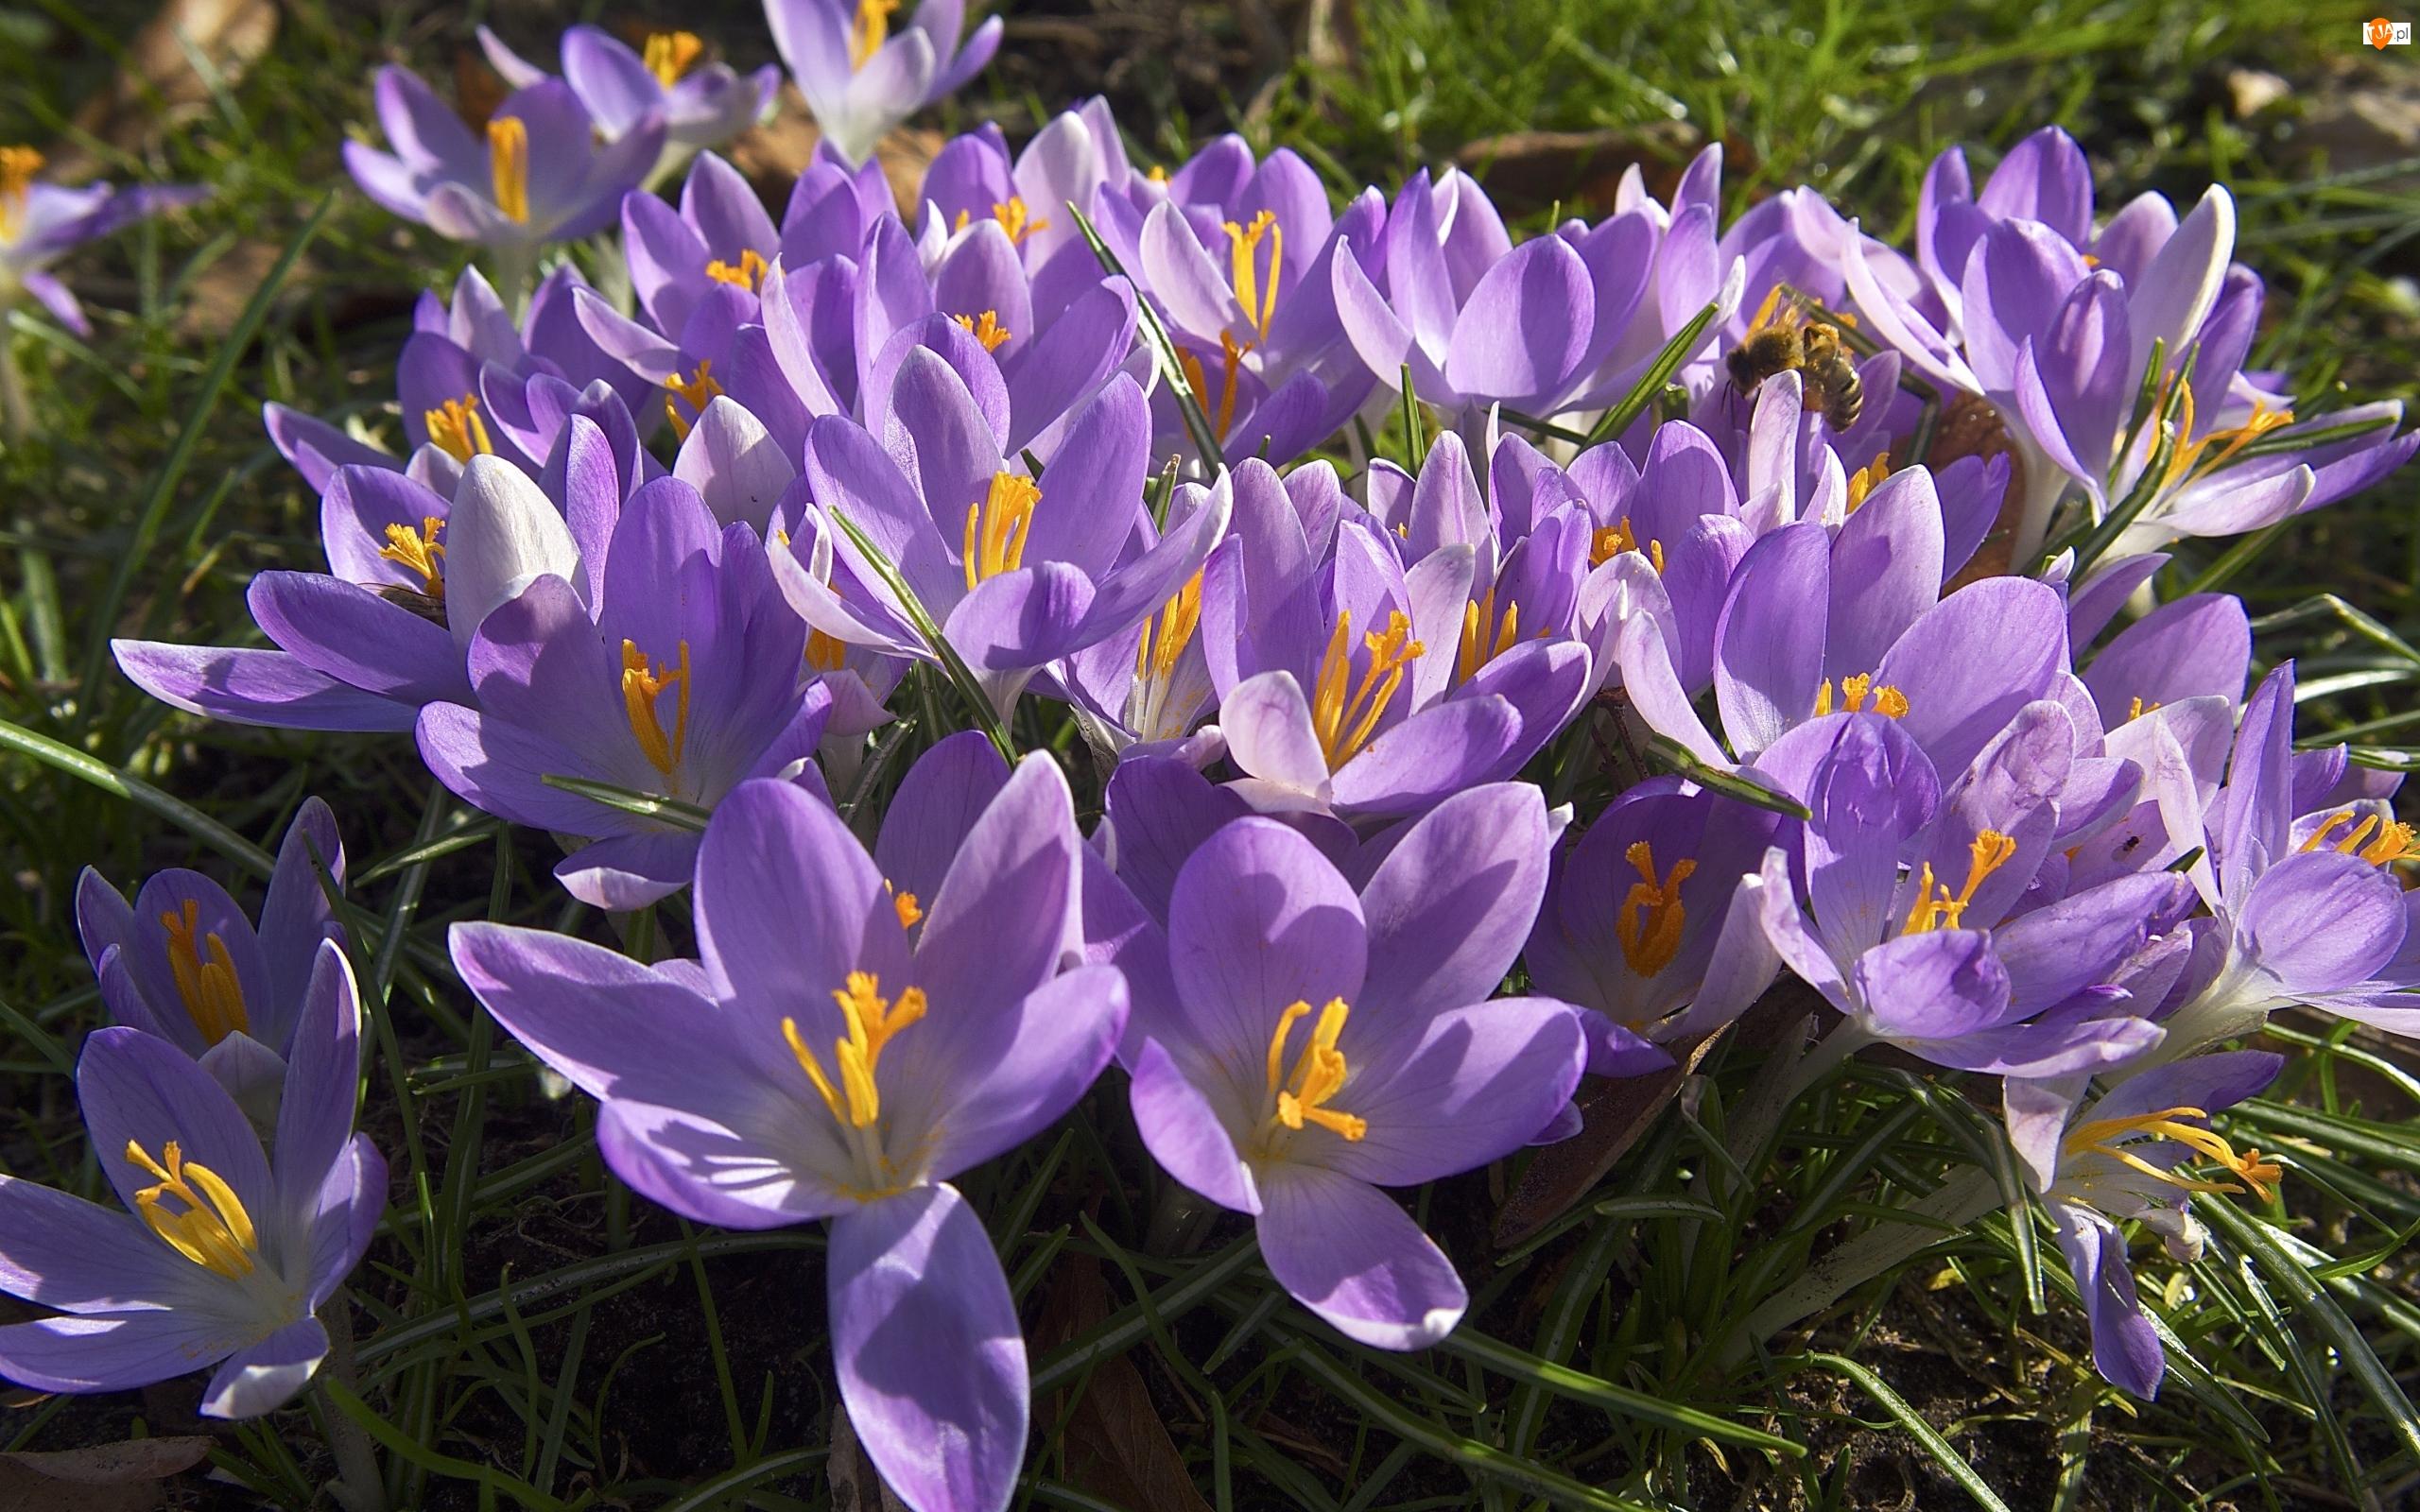 Rozświetlone, Pszczoła, Fioletowe, Kwiaty, Krokusy